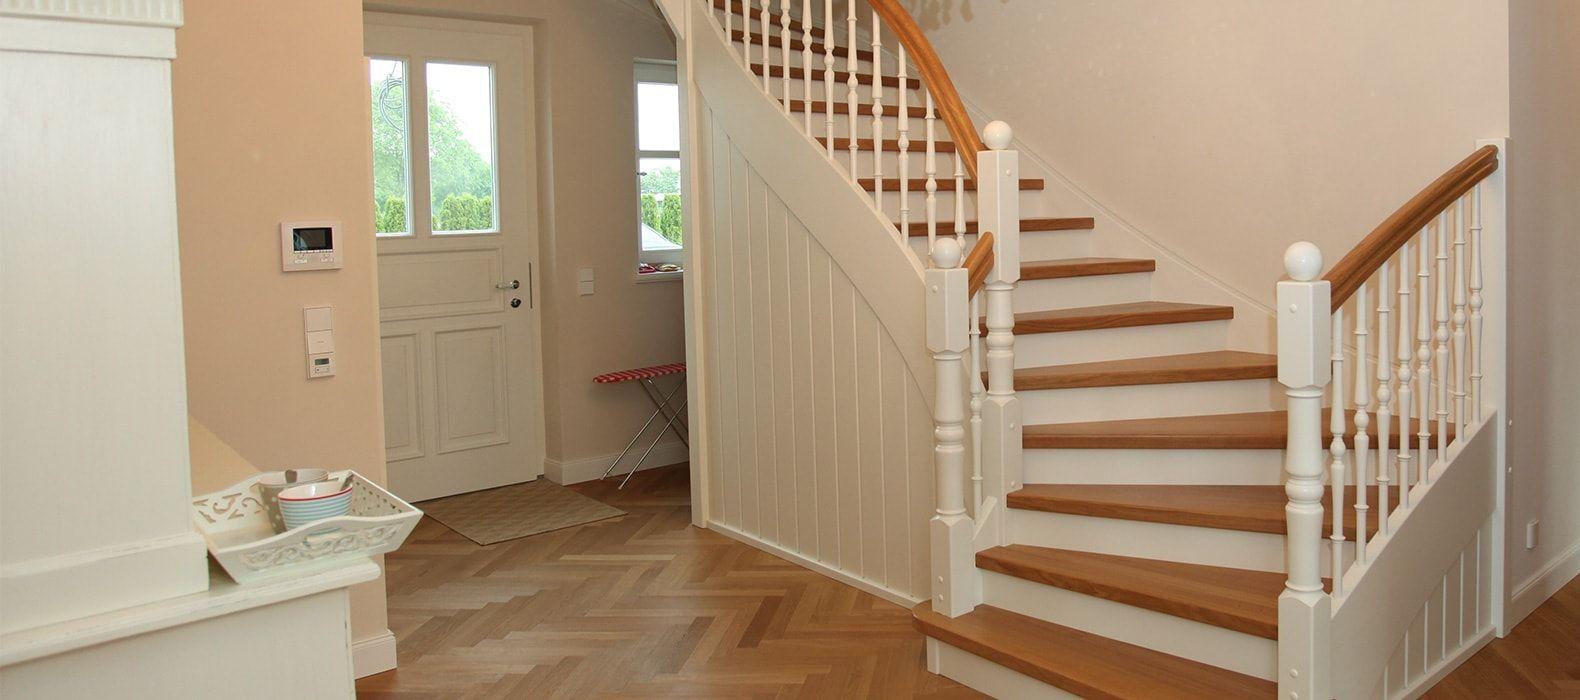 fhs treppen gmbh holztreppen metalltreppen glastreppen uvm. Black Bedroom Furniture Sets. Home Design Ideas